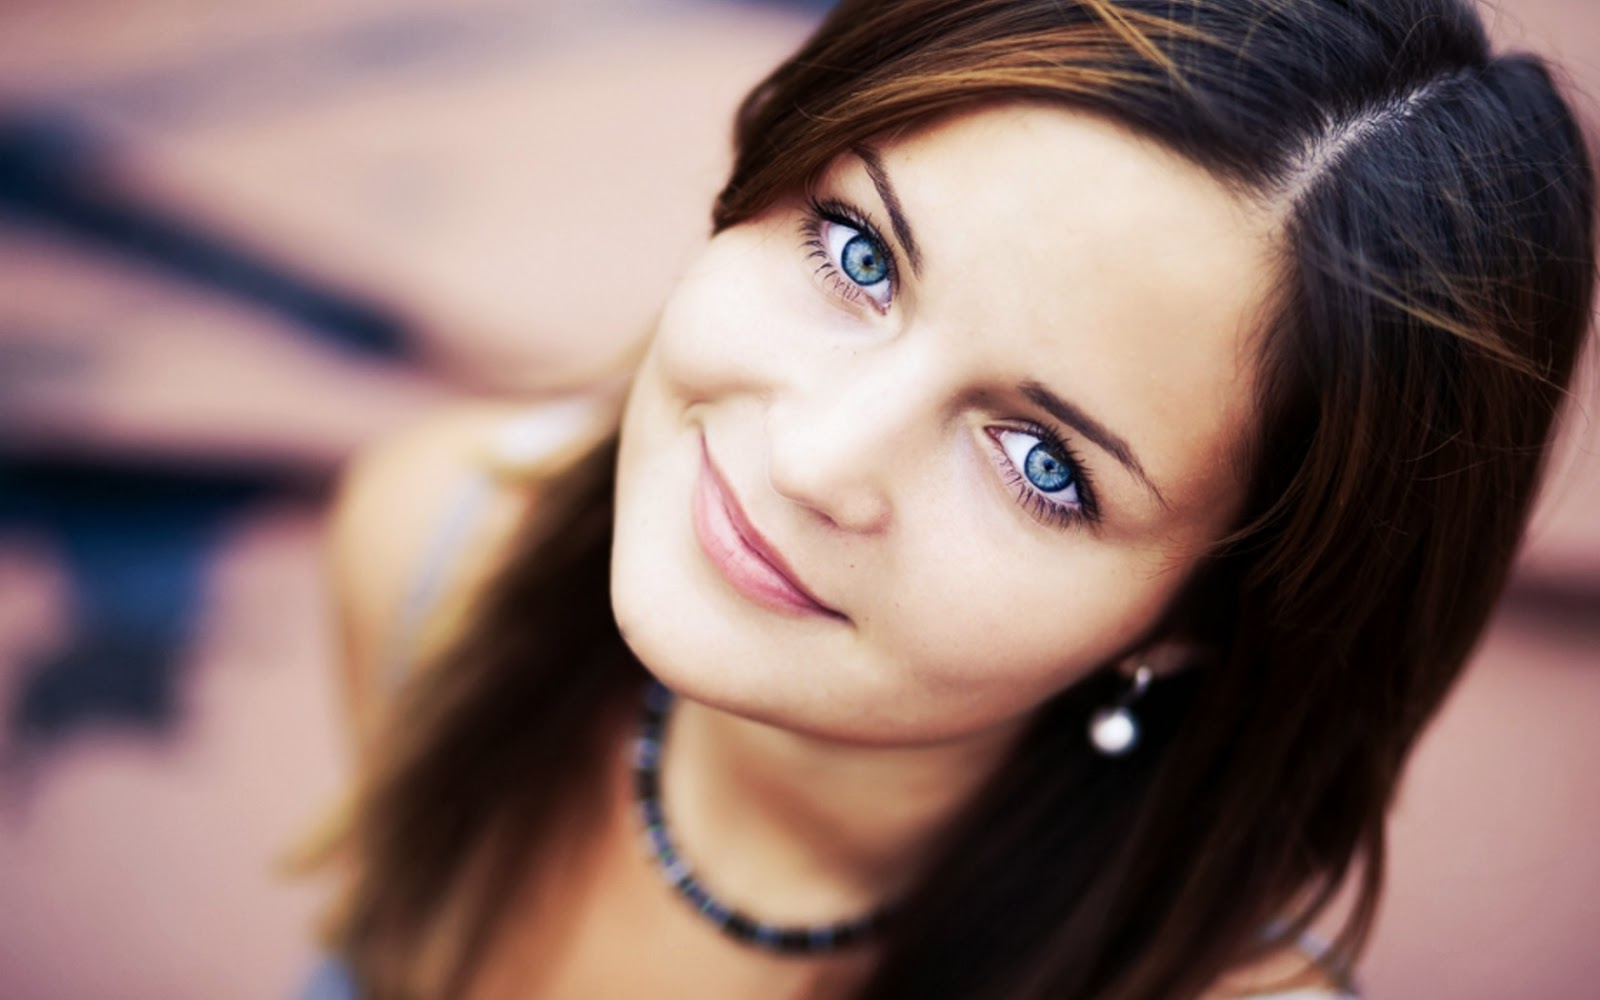 صور صور بنات جميله جدا , اجمل صور لاجمل البنات حول العالم